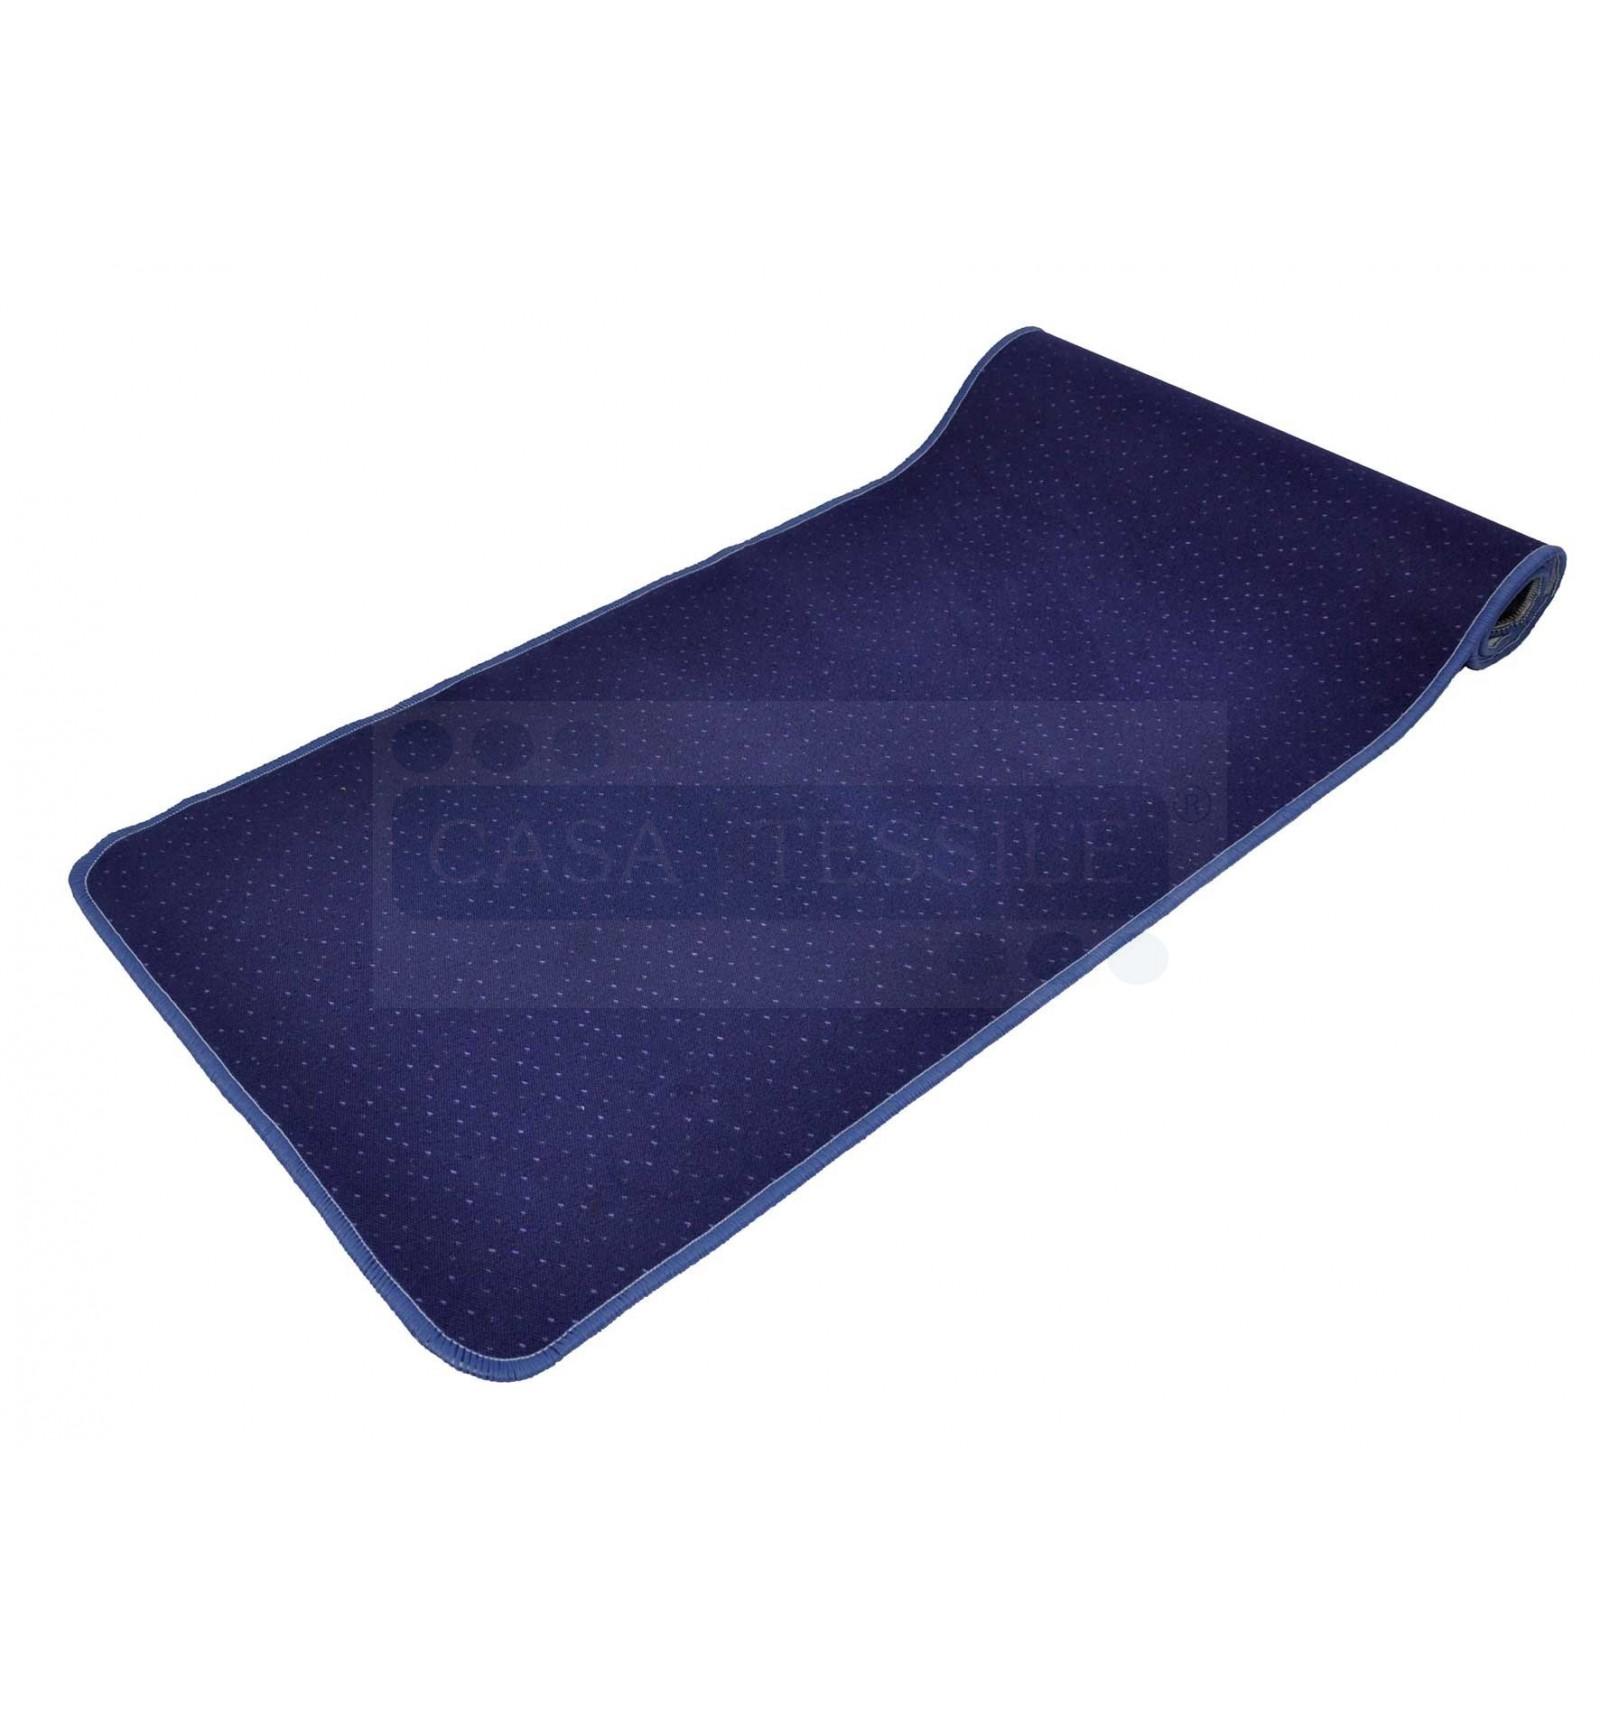 Puntini POINT tappeto cucina largo 50 cm. lungo 180 cm.